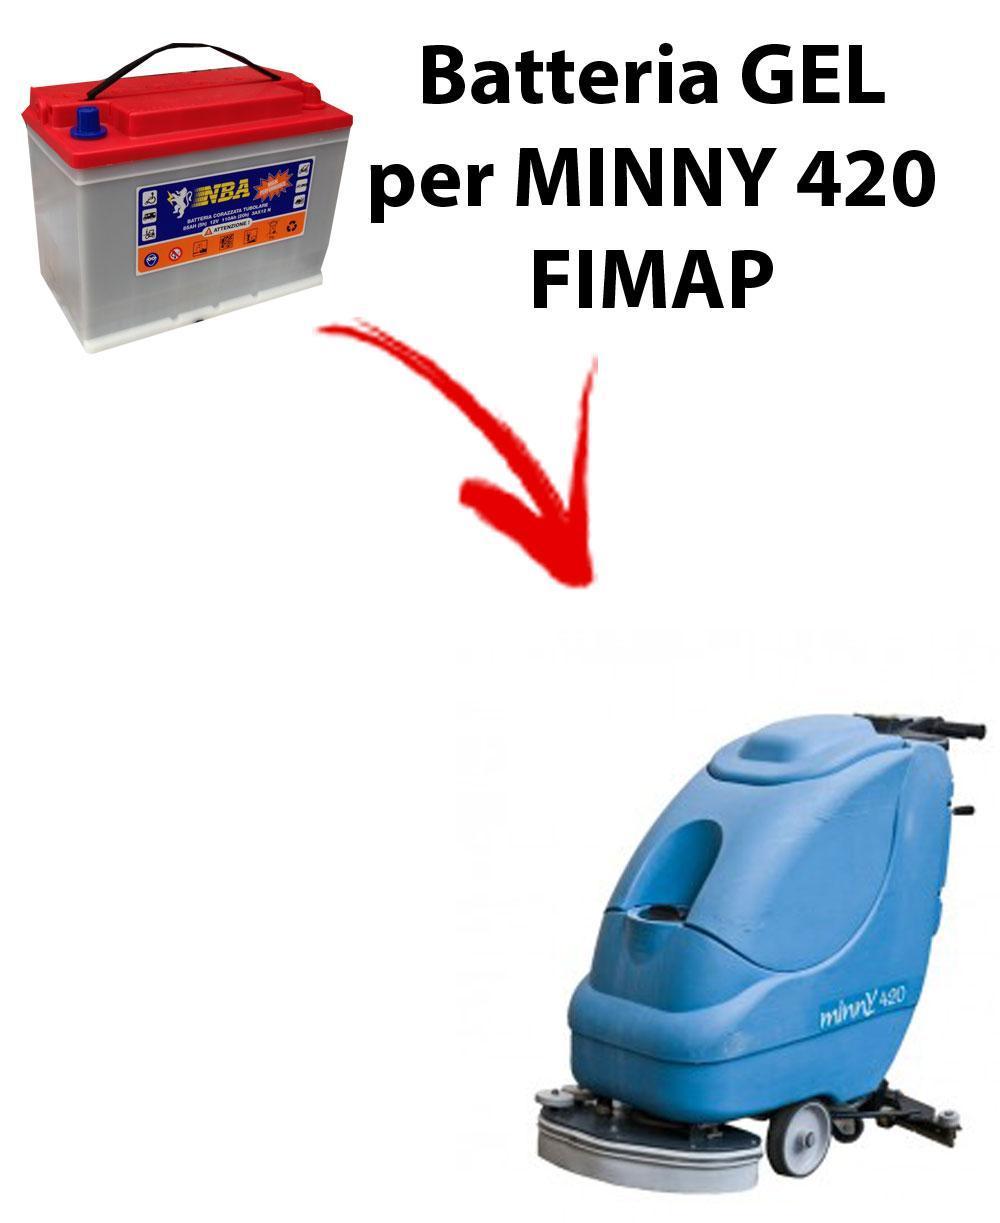 BATTERIE plombe pour MINNY 420 autolaveuses FIMAP